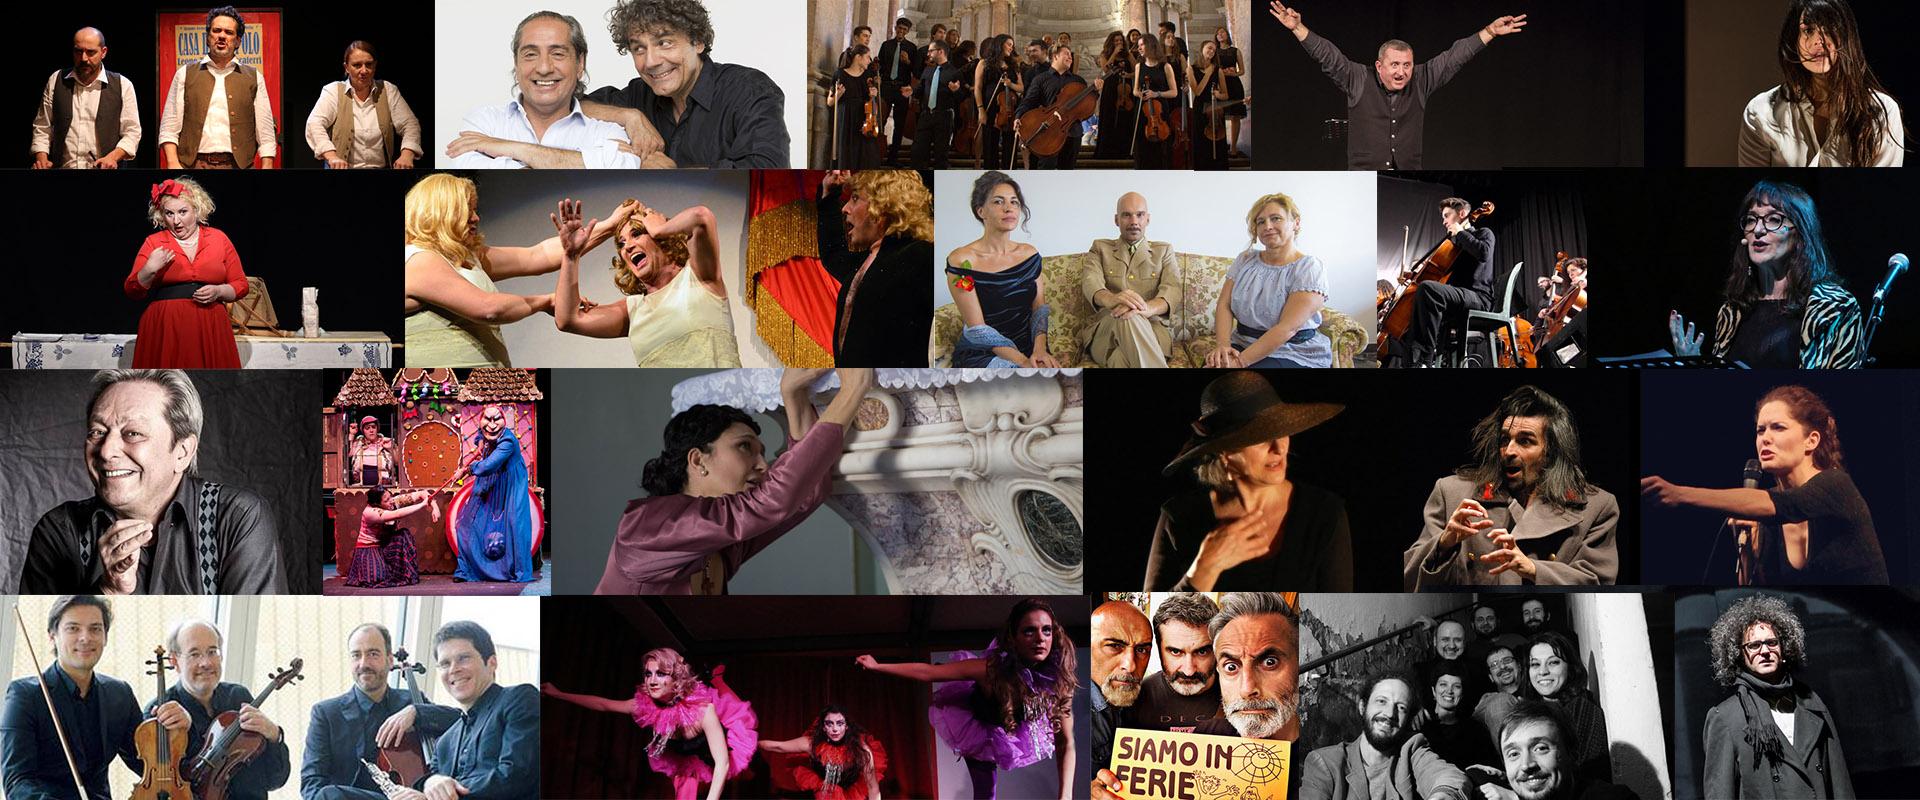 Collage immagini cartellone TaG